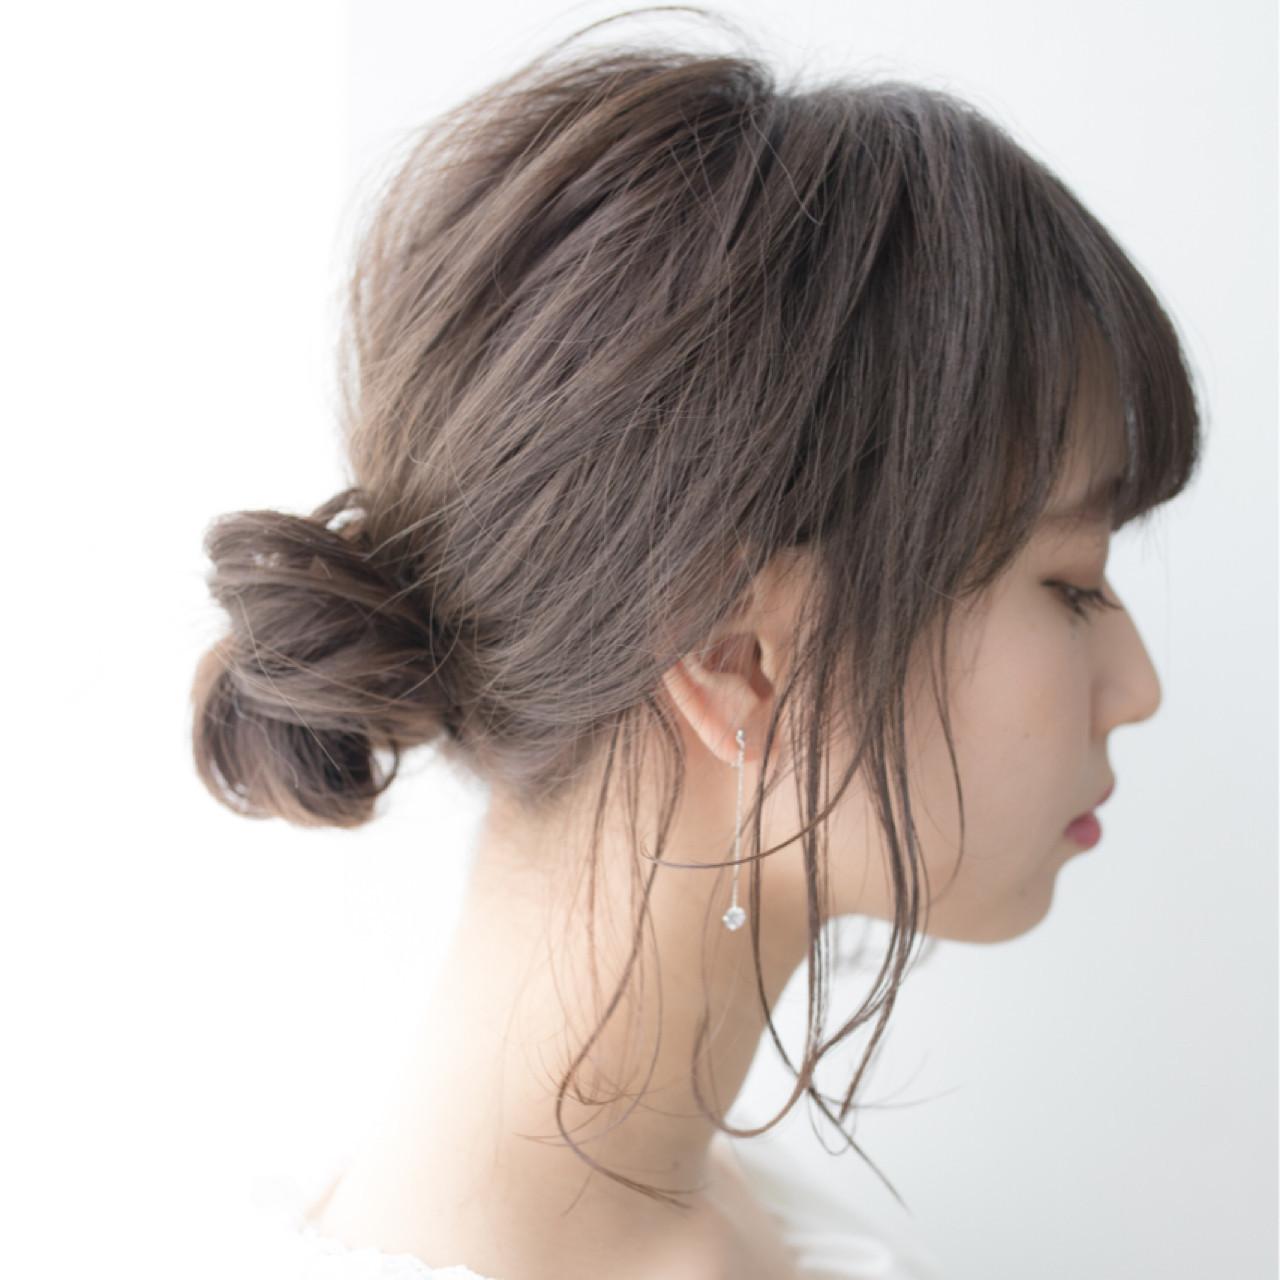 後れ毛がかわいい低めのお団子スタイル 伊藤 大樹